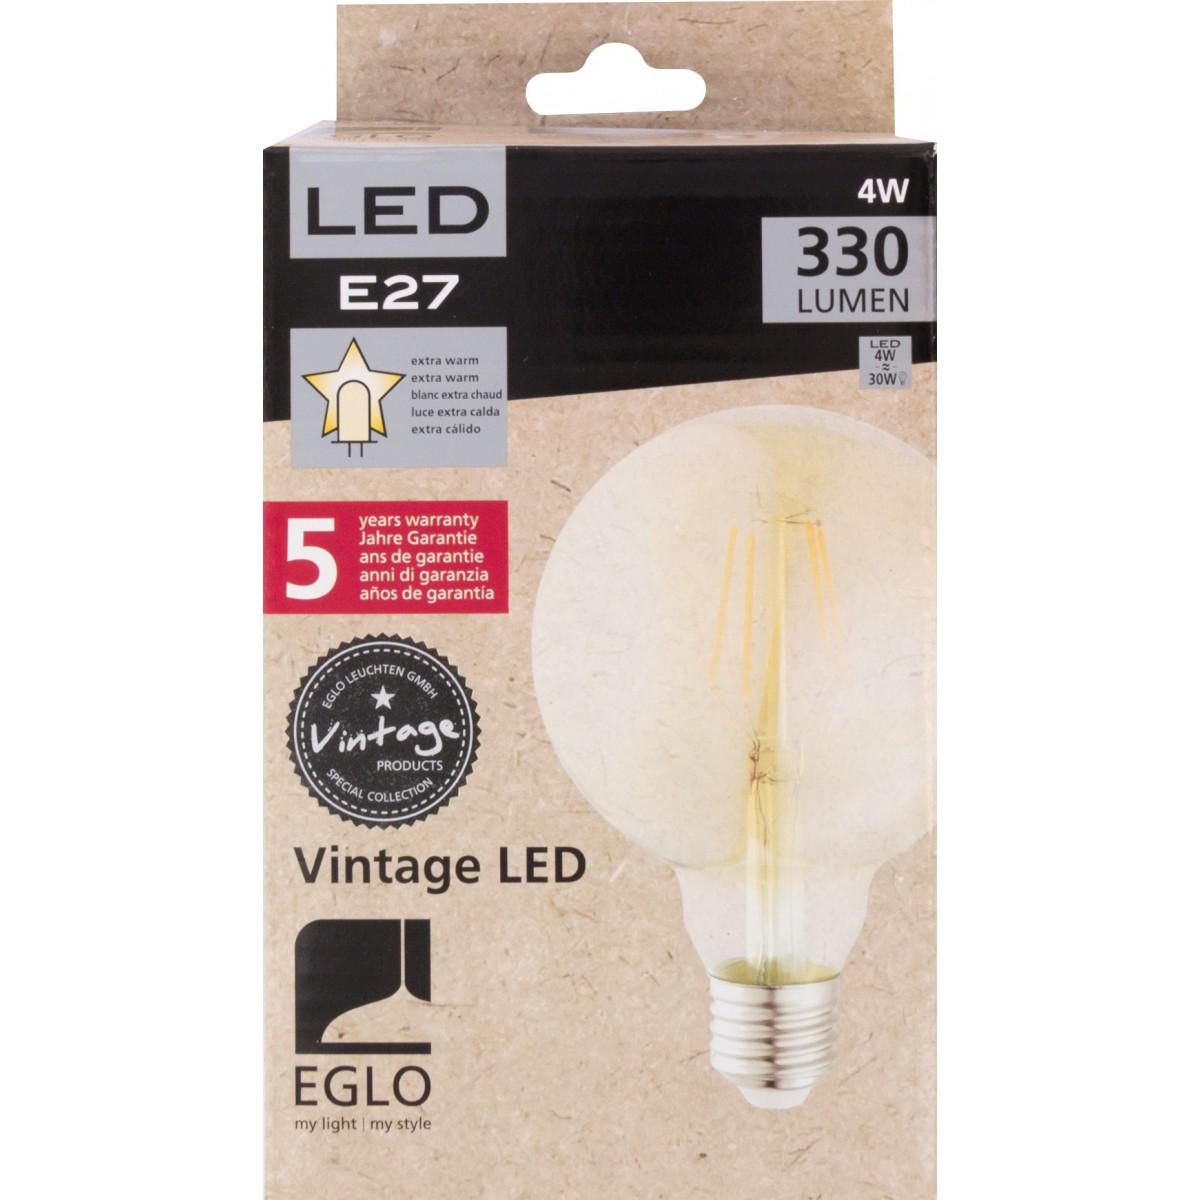 Ampoule globe vintage G95 LED filament E27 Eglo - 330 Lumens - 4 W